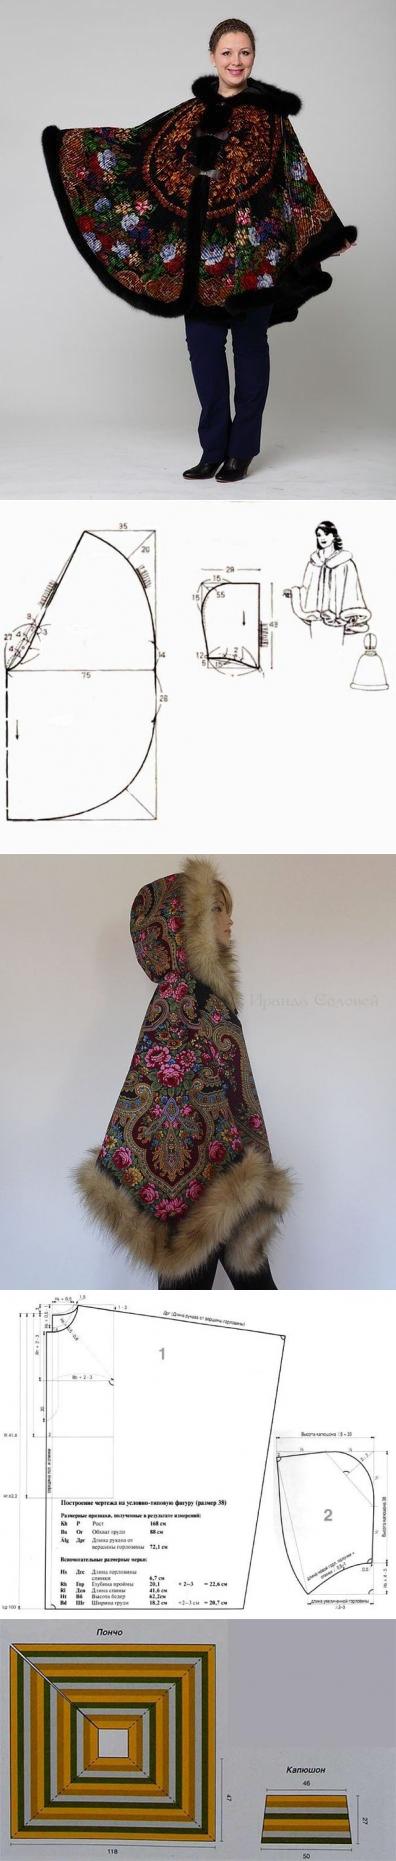 La costura ✂ los Patrones. El poncho siempre en la moda   patrones ...